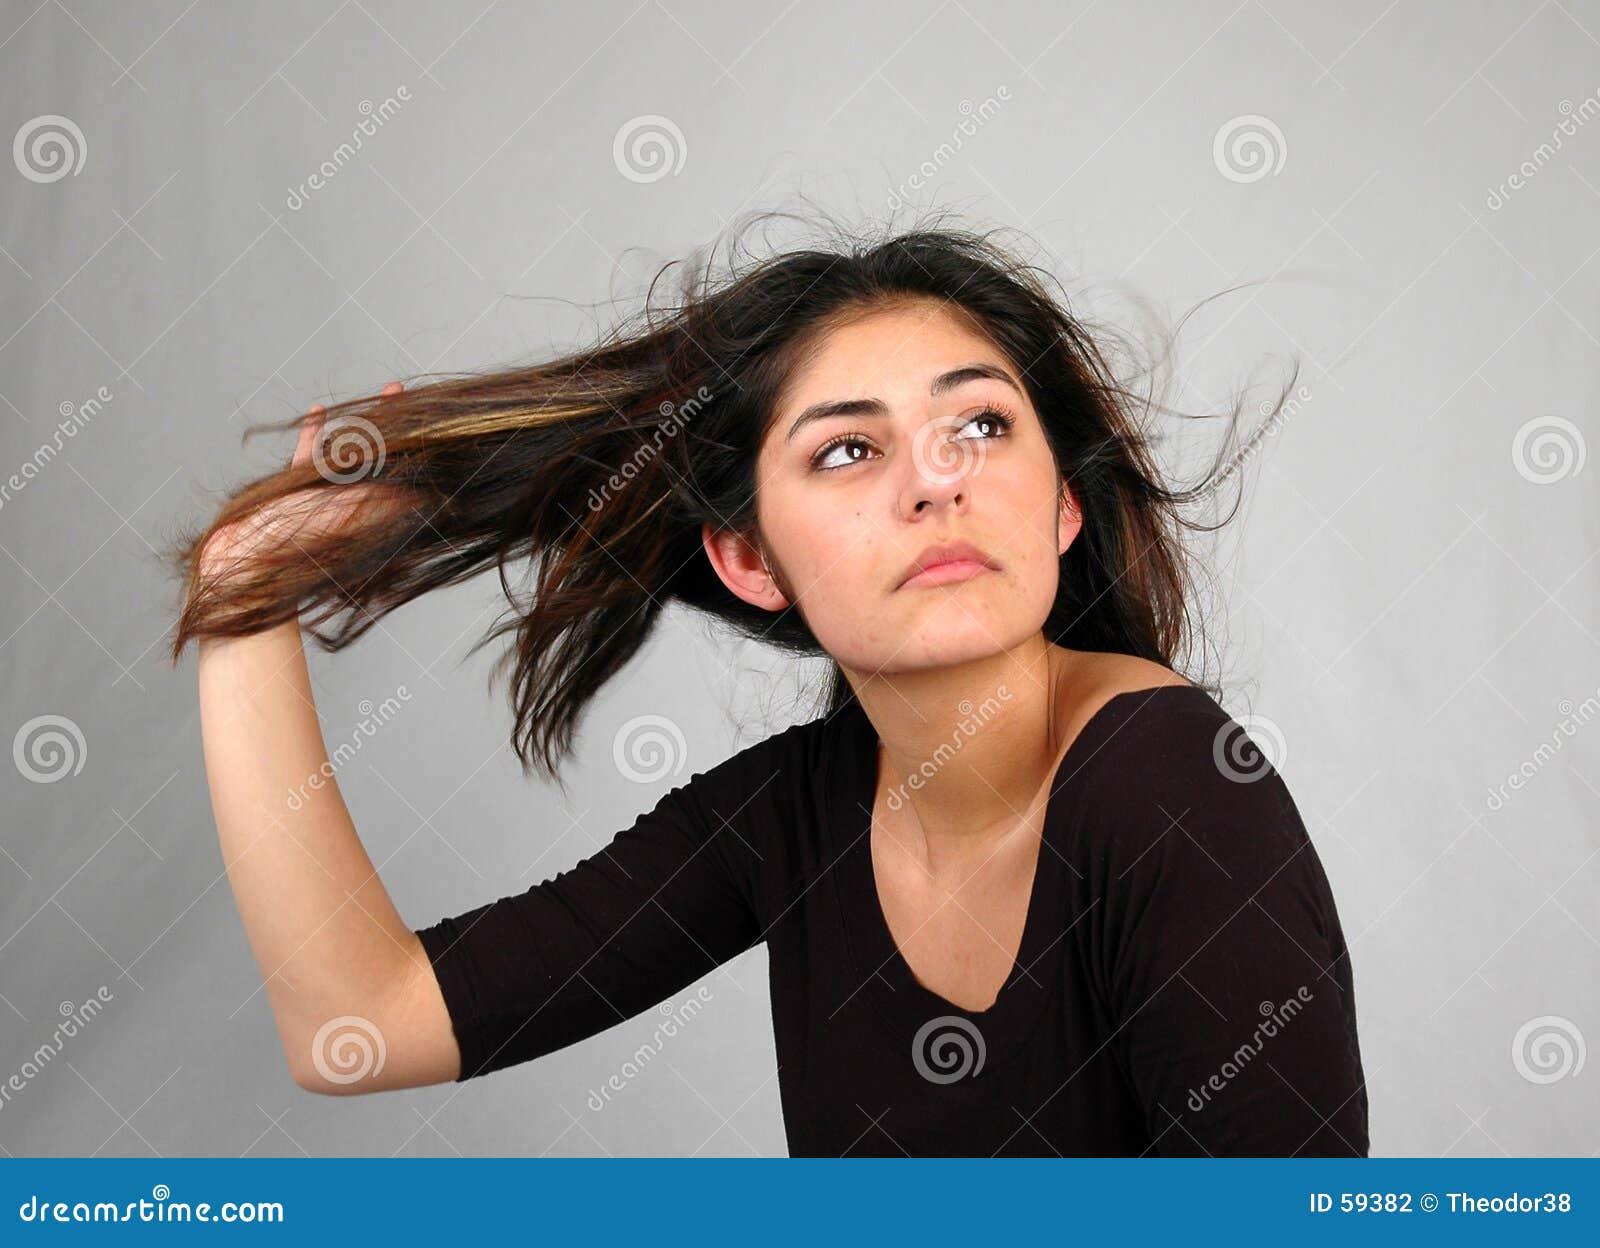 Hair dance-8